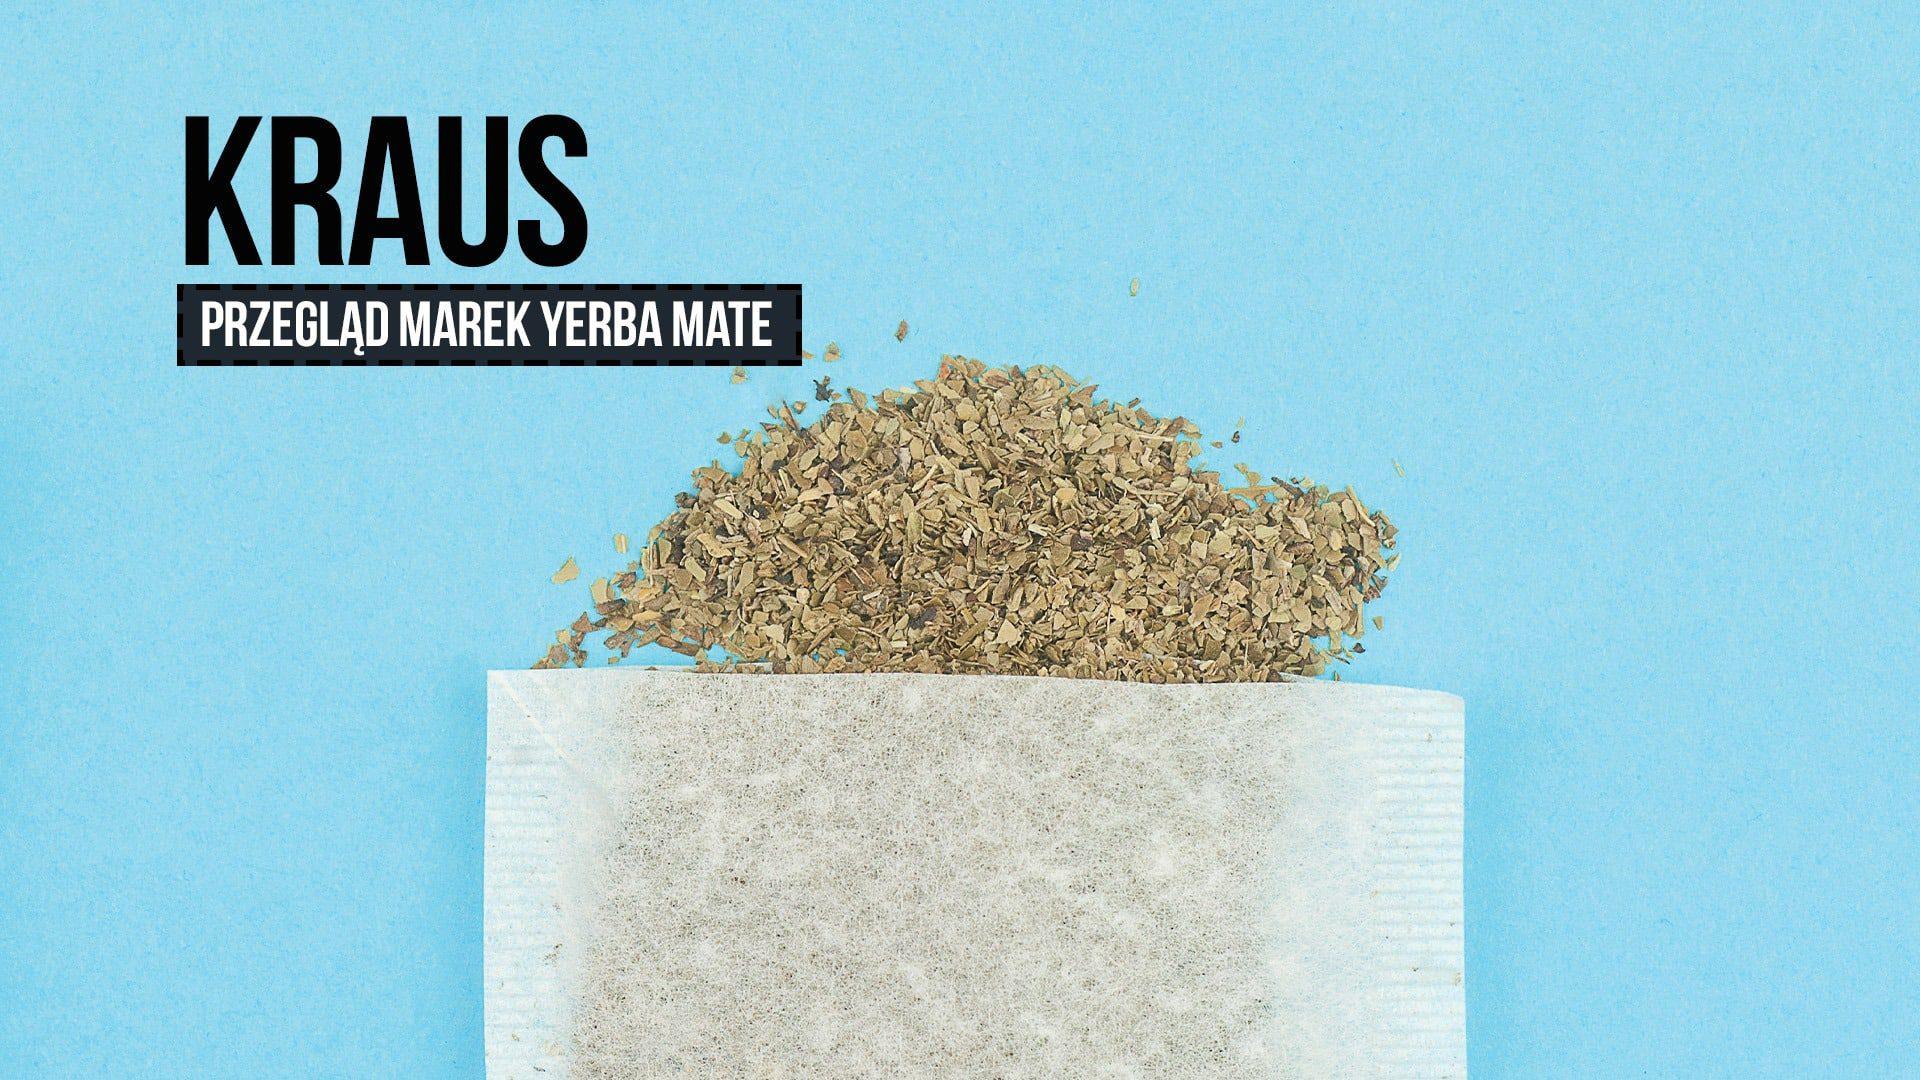 Przegląd yerba mate: Kraus (ostrokrzew paragwajski)